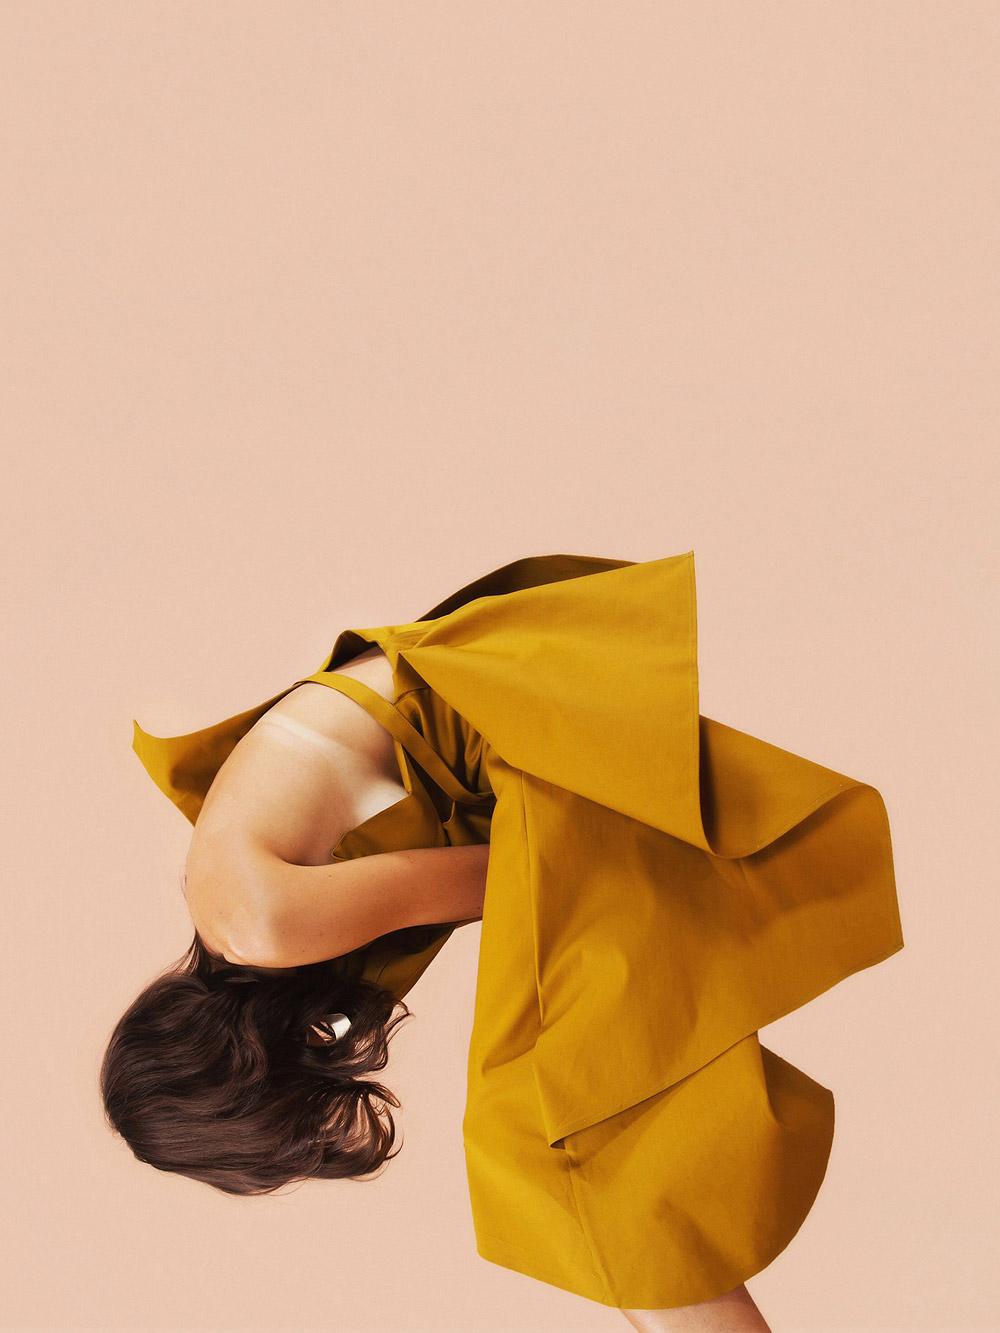 «Быть или не быть», © Нима Чайчи / Nima Chaichi, Нью-Йорк, США, Первое место в категории «Редакционная / Знаменитости», «Взгляд» — фотоконкурс на тему «Мода» | PDN The Look